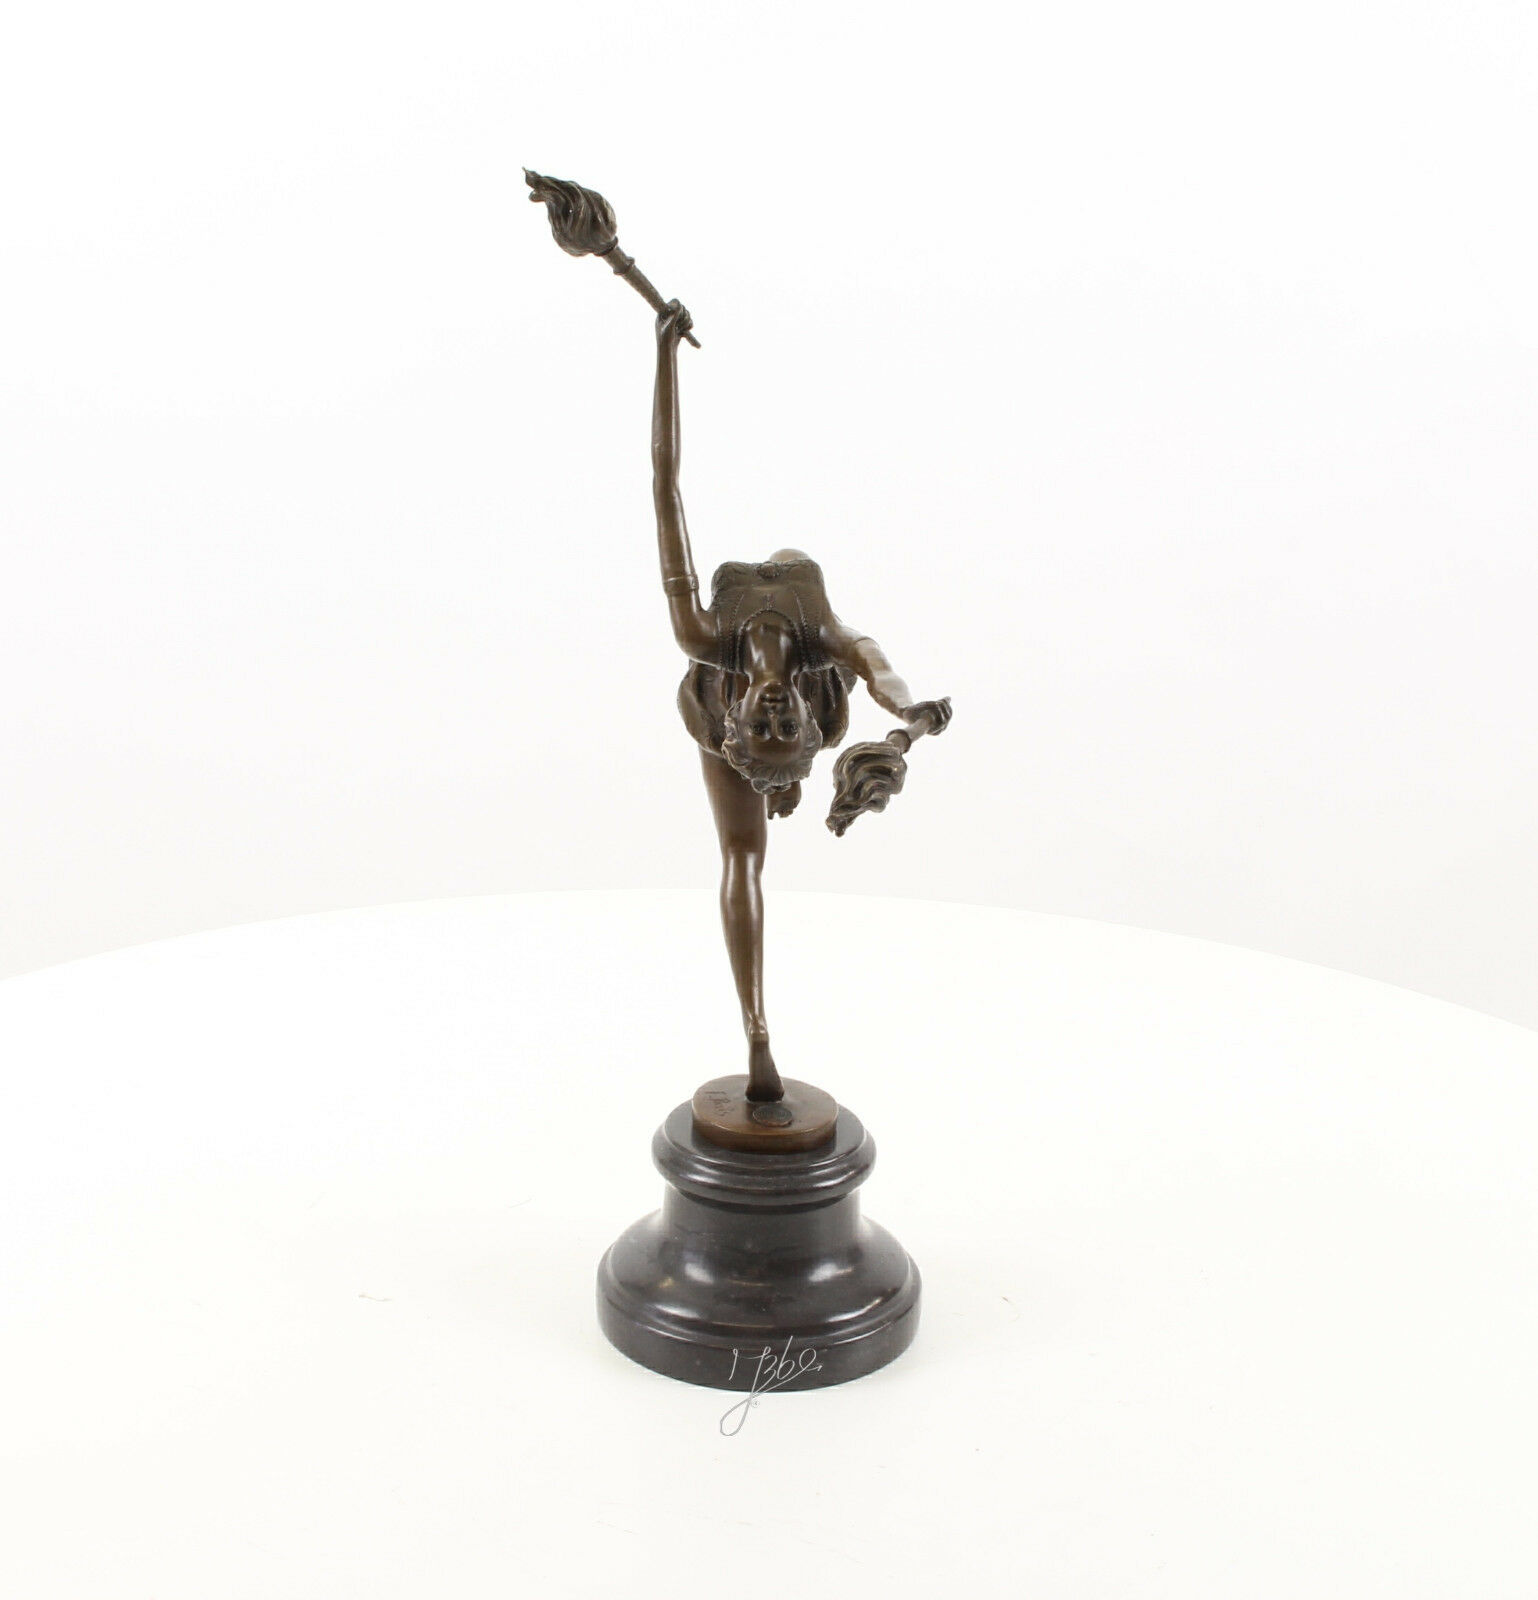 9973461-dss Bronze Skulptur Flammen-Tänzerin Akrobatin erotisch 12x33x42cm